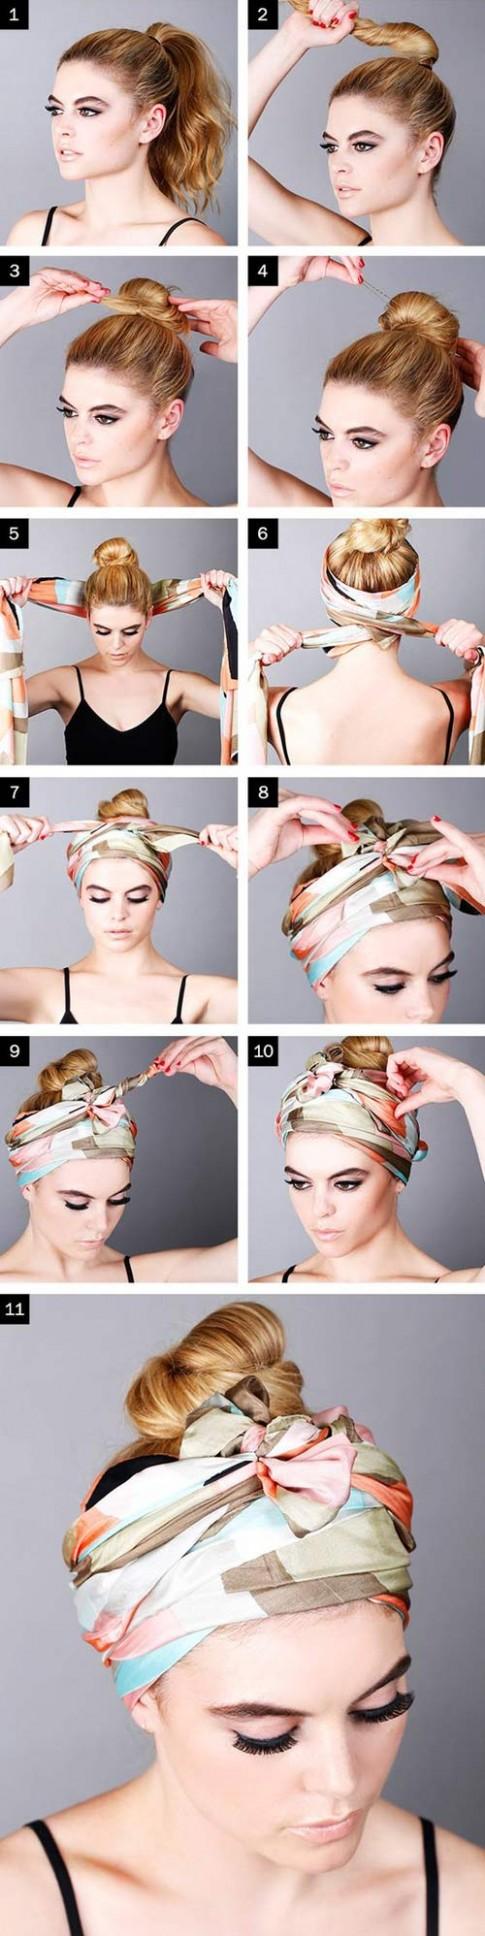 Biến tấu cho tóc đẹp quên sầu chỉ bằng 1 chiếc khăn